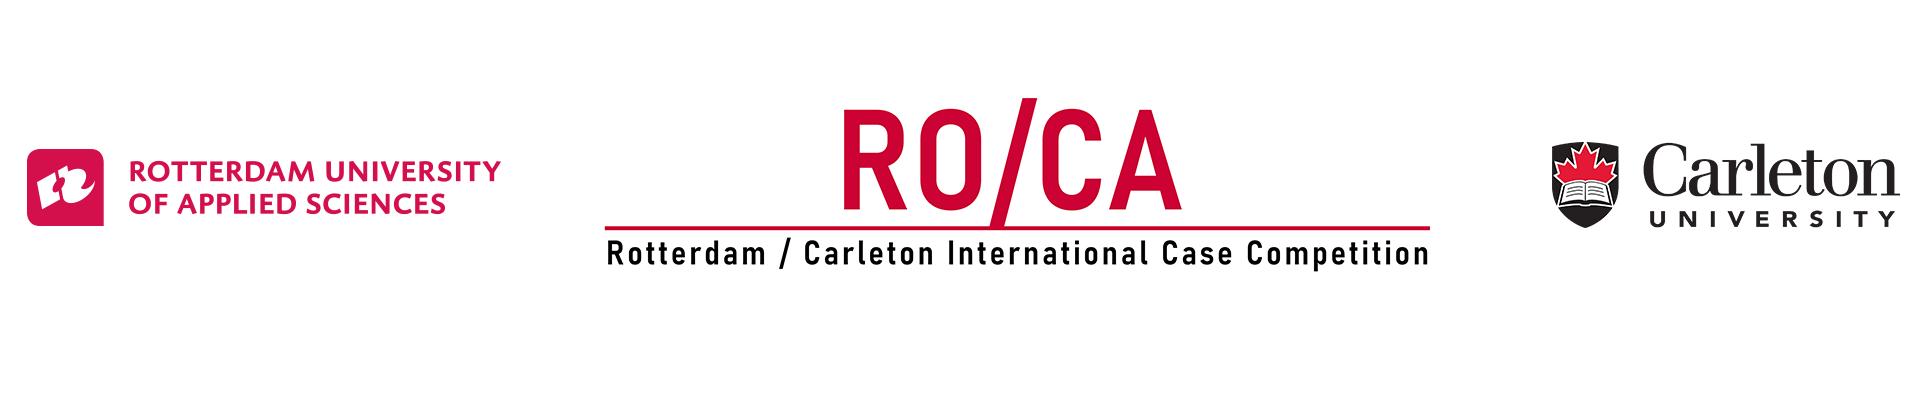 Juryleden ROCA 2020 ROTTERDAM – CARLETON INTERNATIONAL CASE COMPETITION